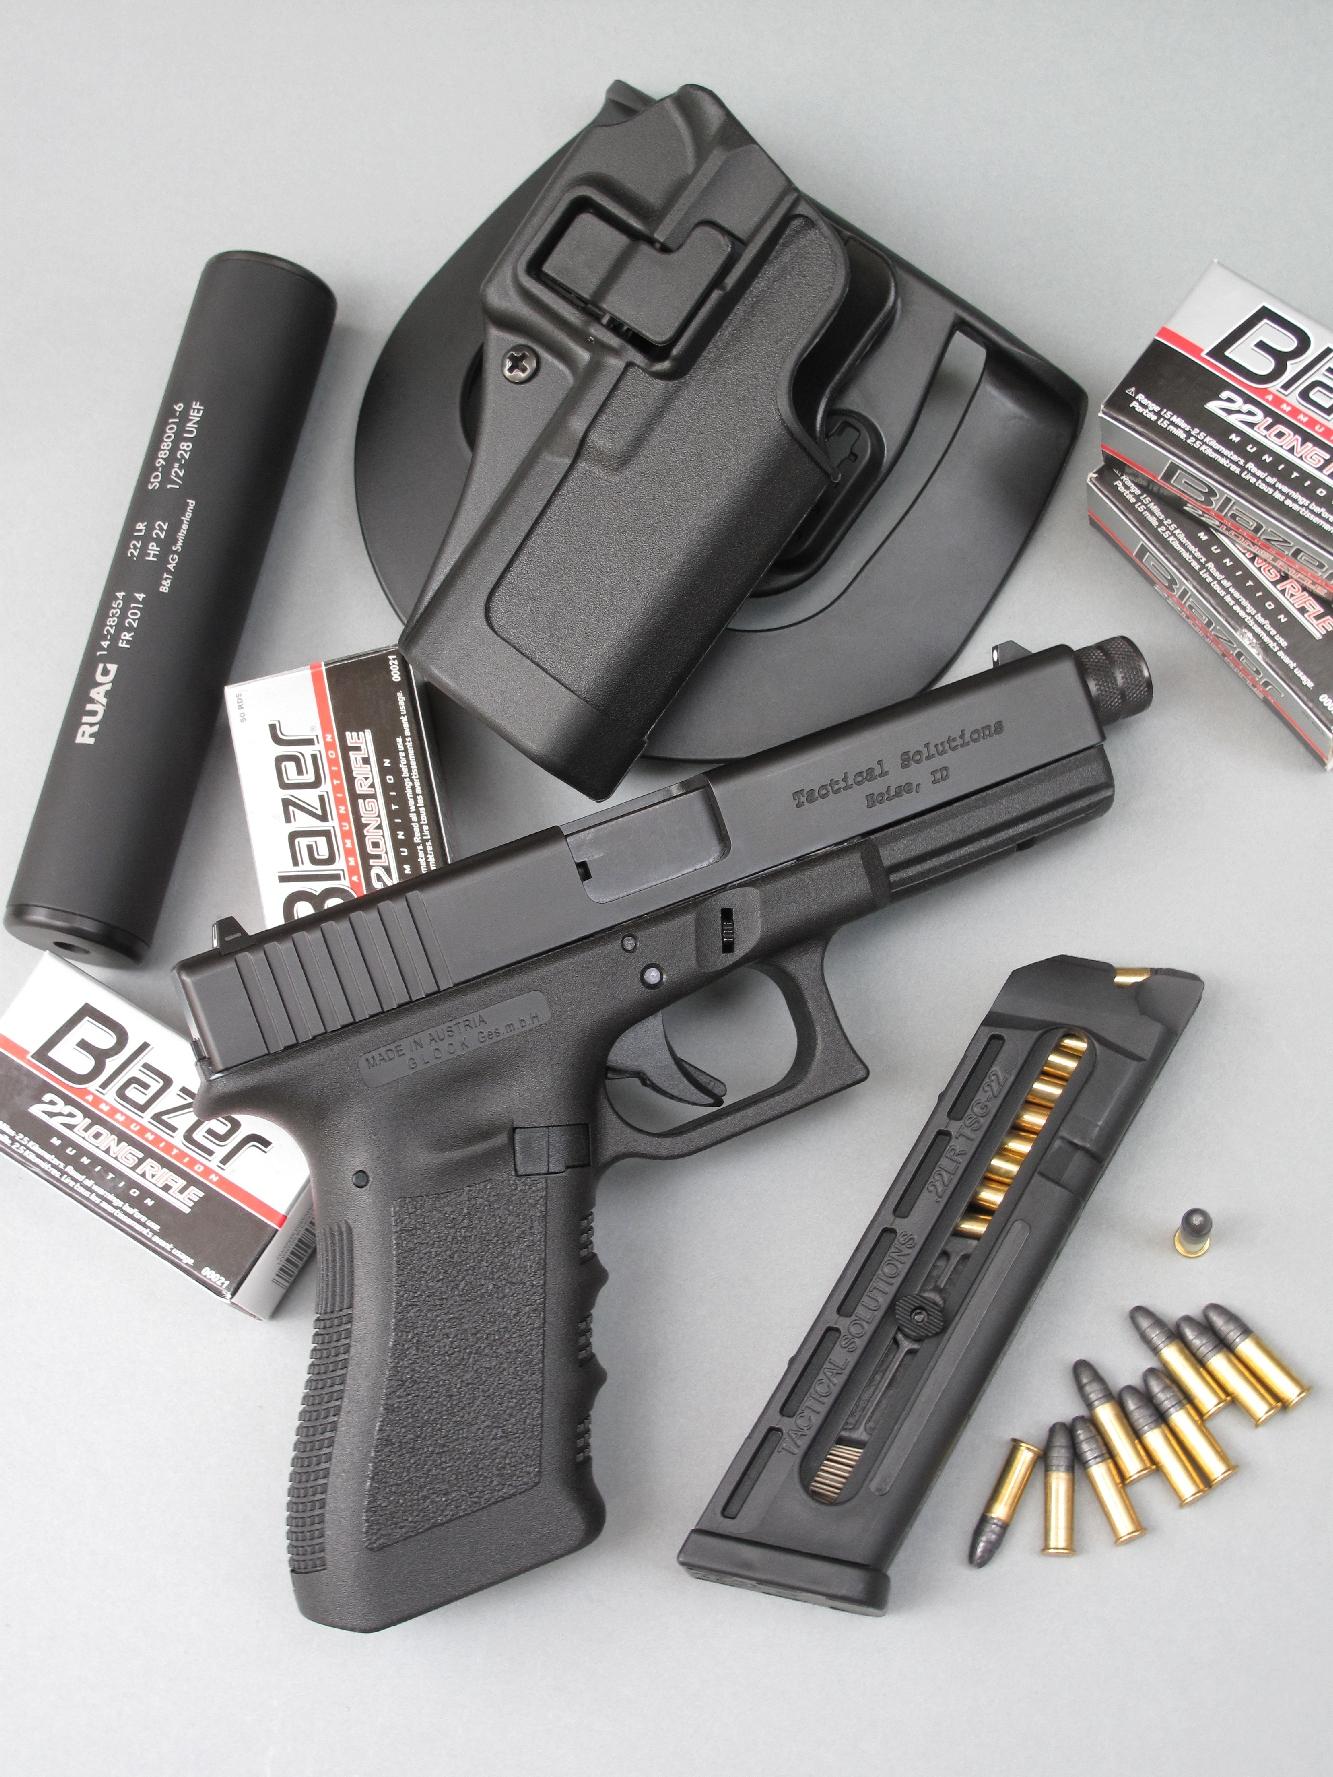 Le pistolet Glock 17 Gen 3 équipé de la conversion Tactical Solutions, accompagné par son chargeur de 15 coups (réduit à 10 coups sur l'exemplaire testé), par un silencieux de la firme helvétique Brügger & Thomet et un holster en fibre de carbone, avec sa plateforme paddle, modèle Serpa Concealment de la firme américaine Blackhawk.